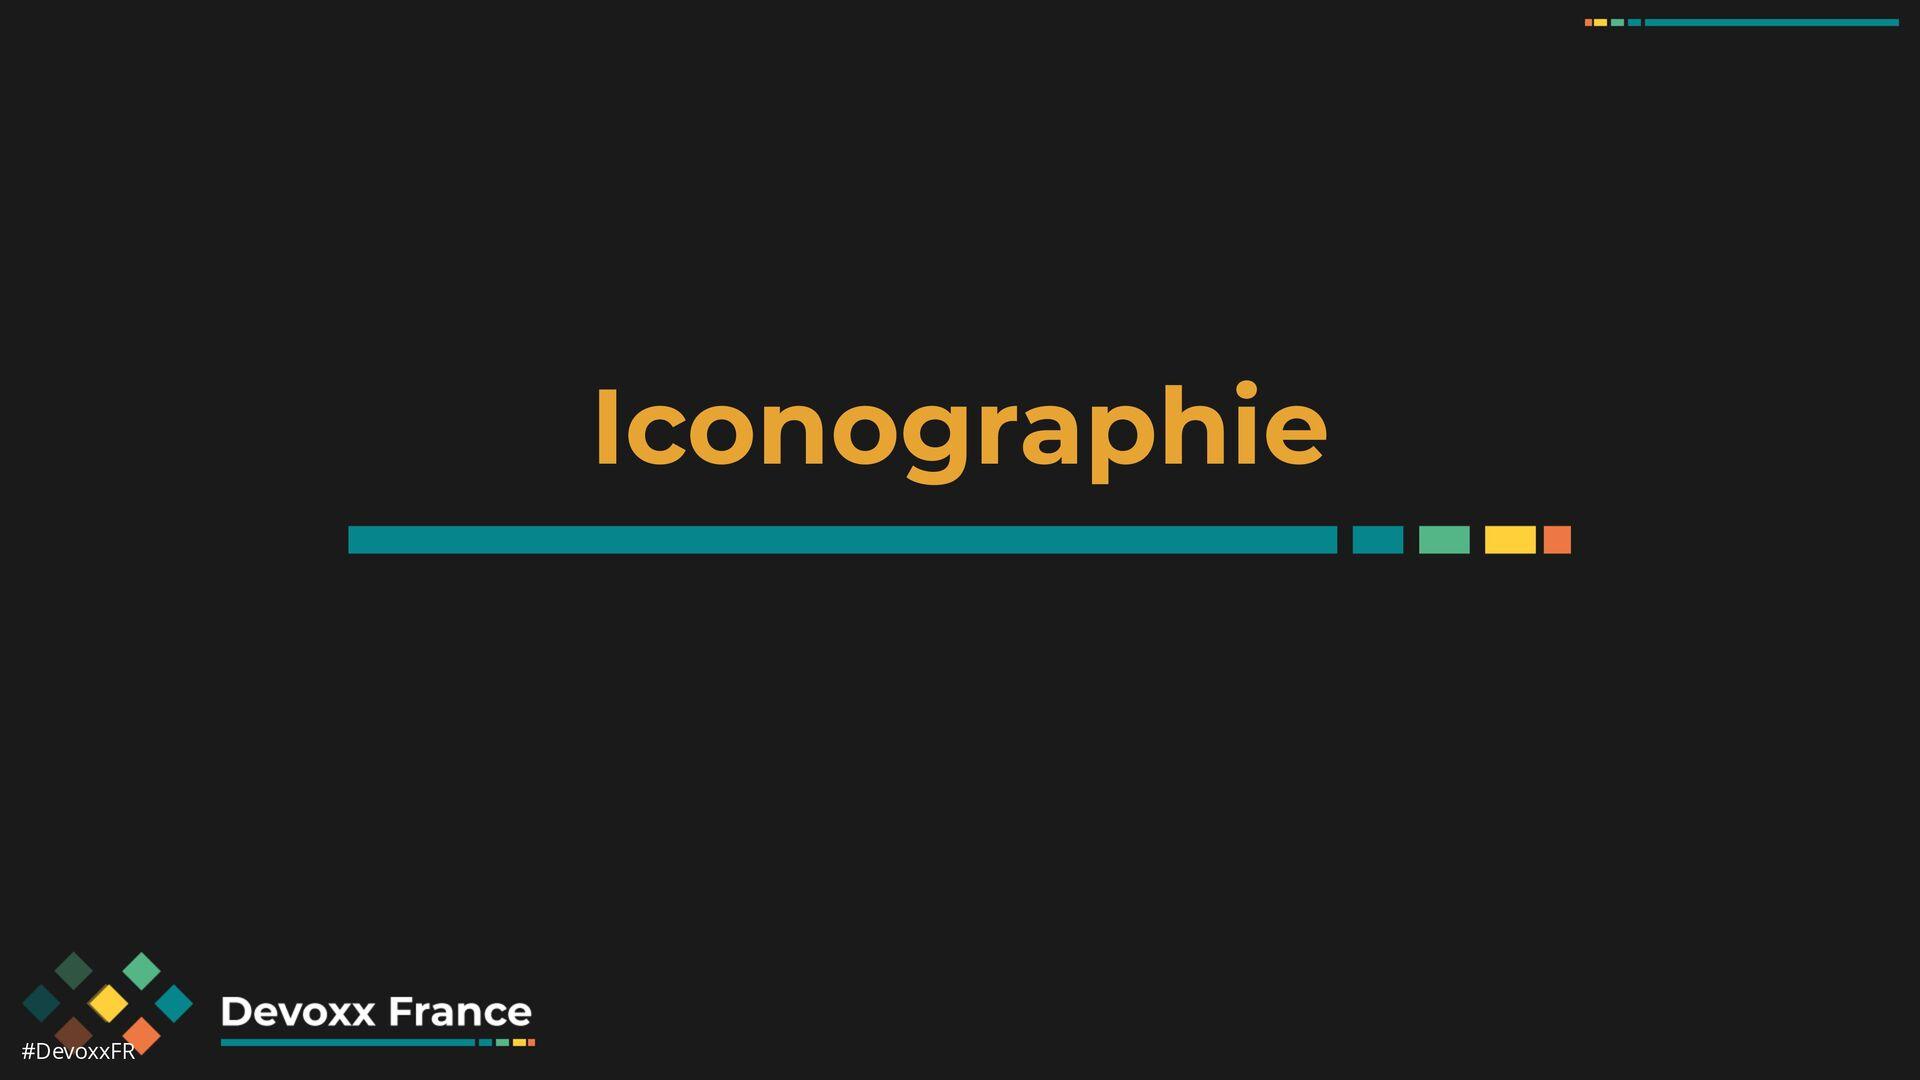 #DevoxxFR Iconographie